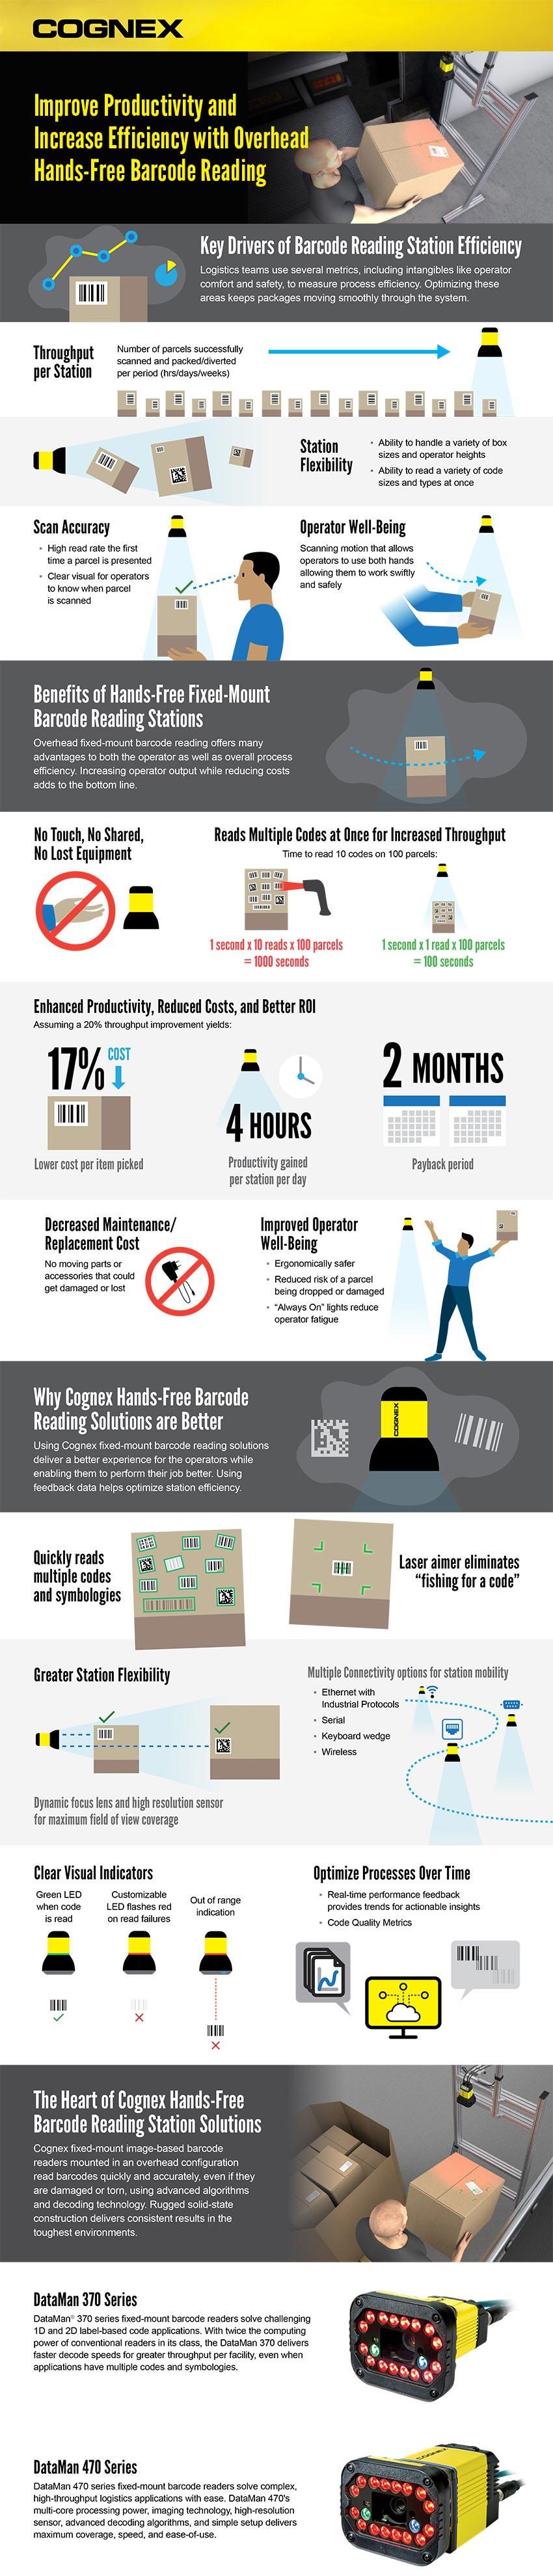 Infographie sur l'amélioration de la productivité et de l'efficacité grâce à la lecture de codes-barres aérienne mains libres